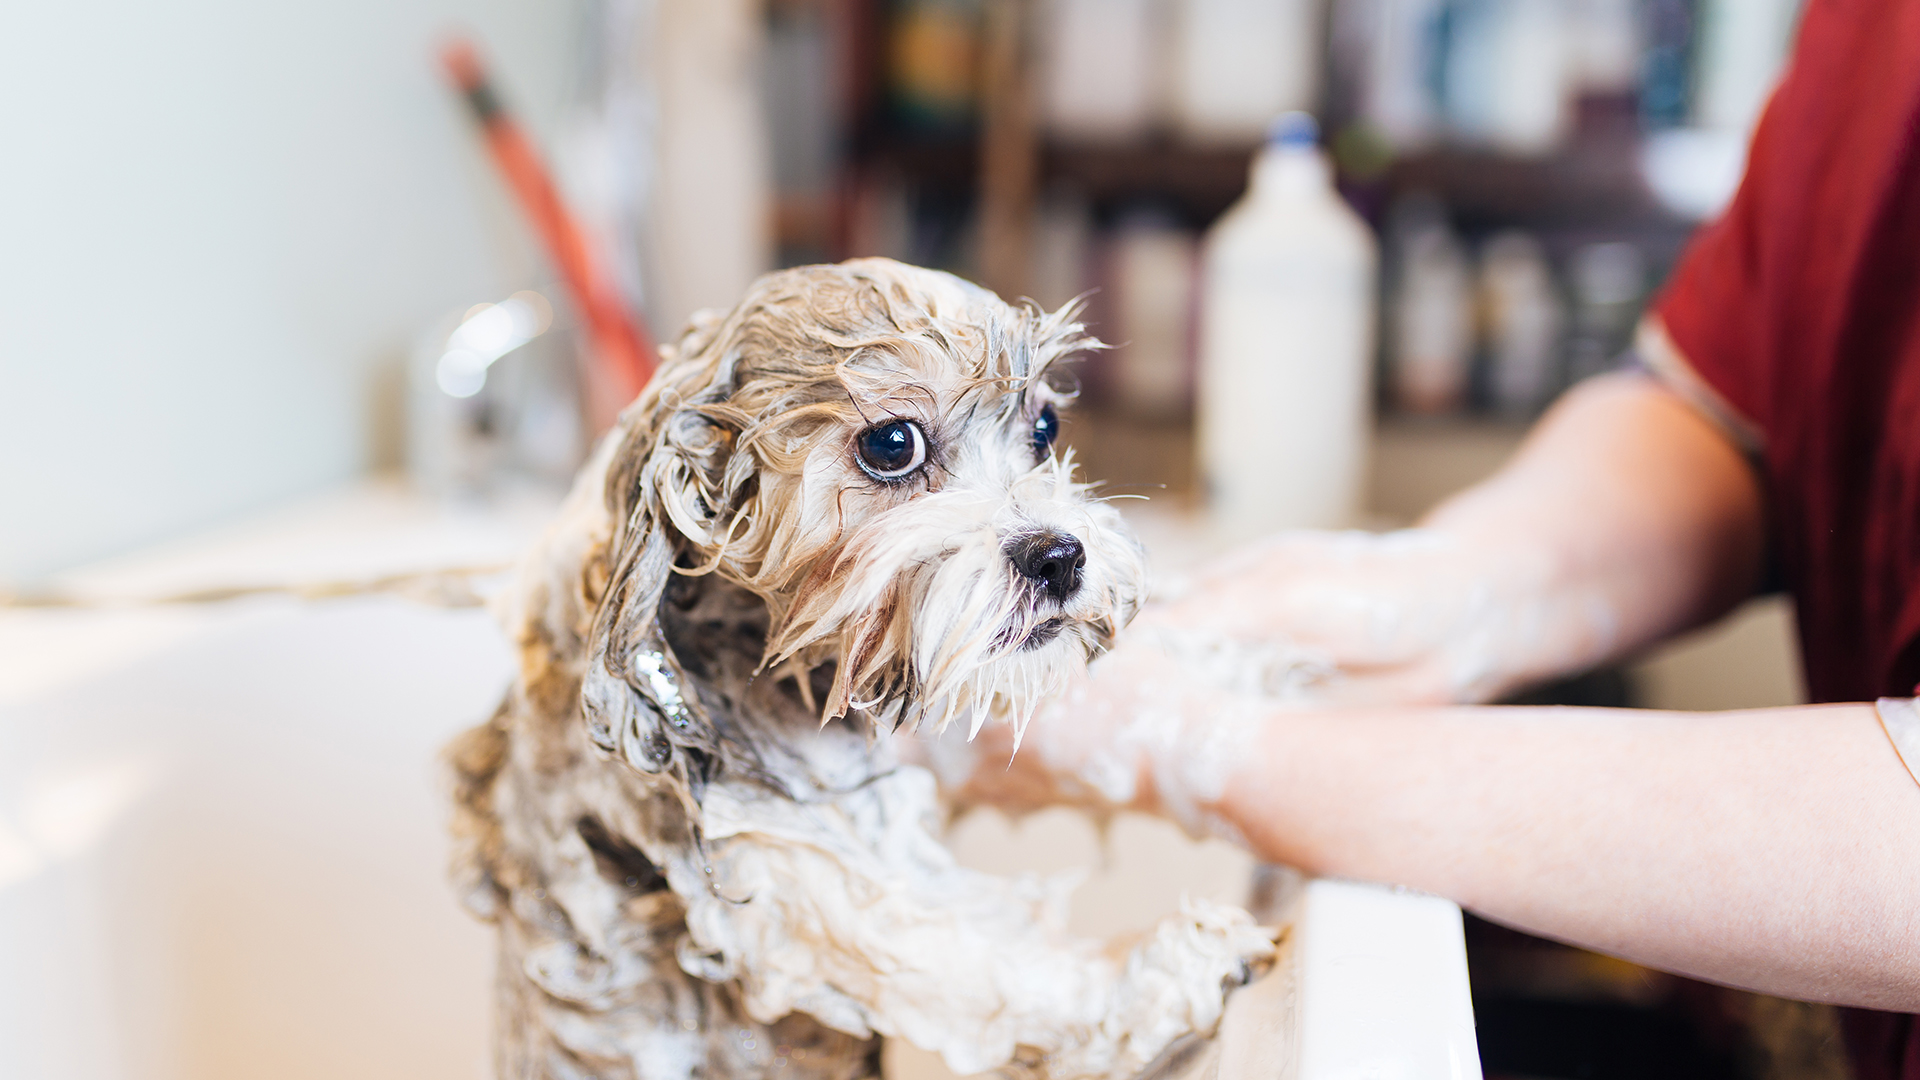 Recomiendan bañar a las mascotas para sacarles el cloro de la pileta de su piel(Getty Images)